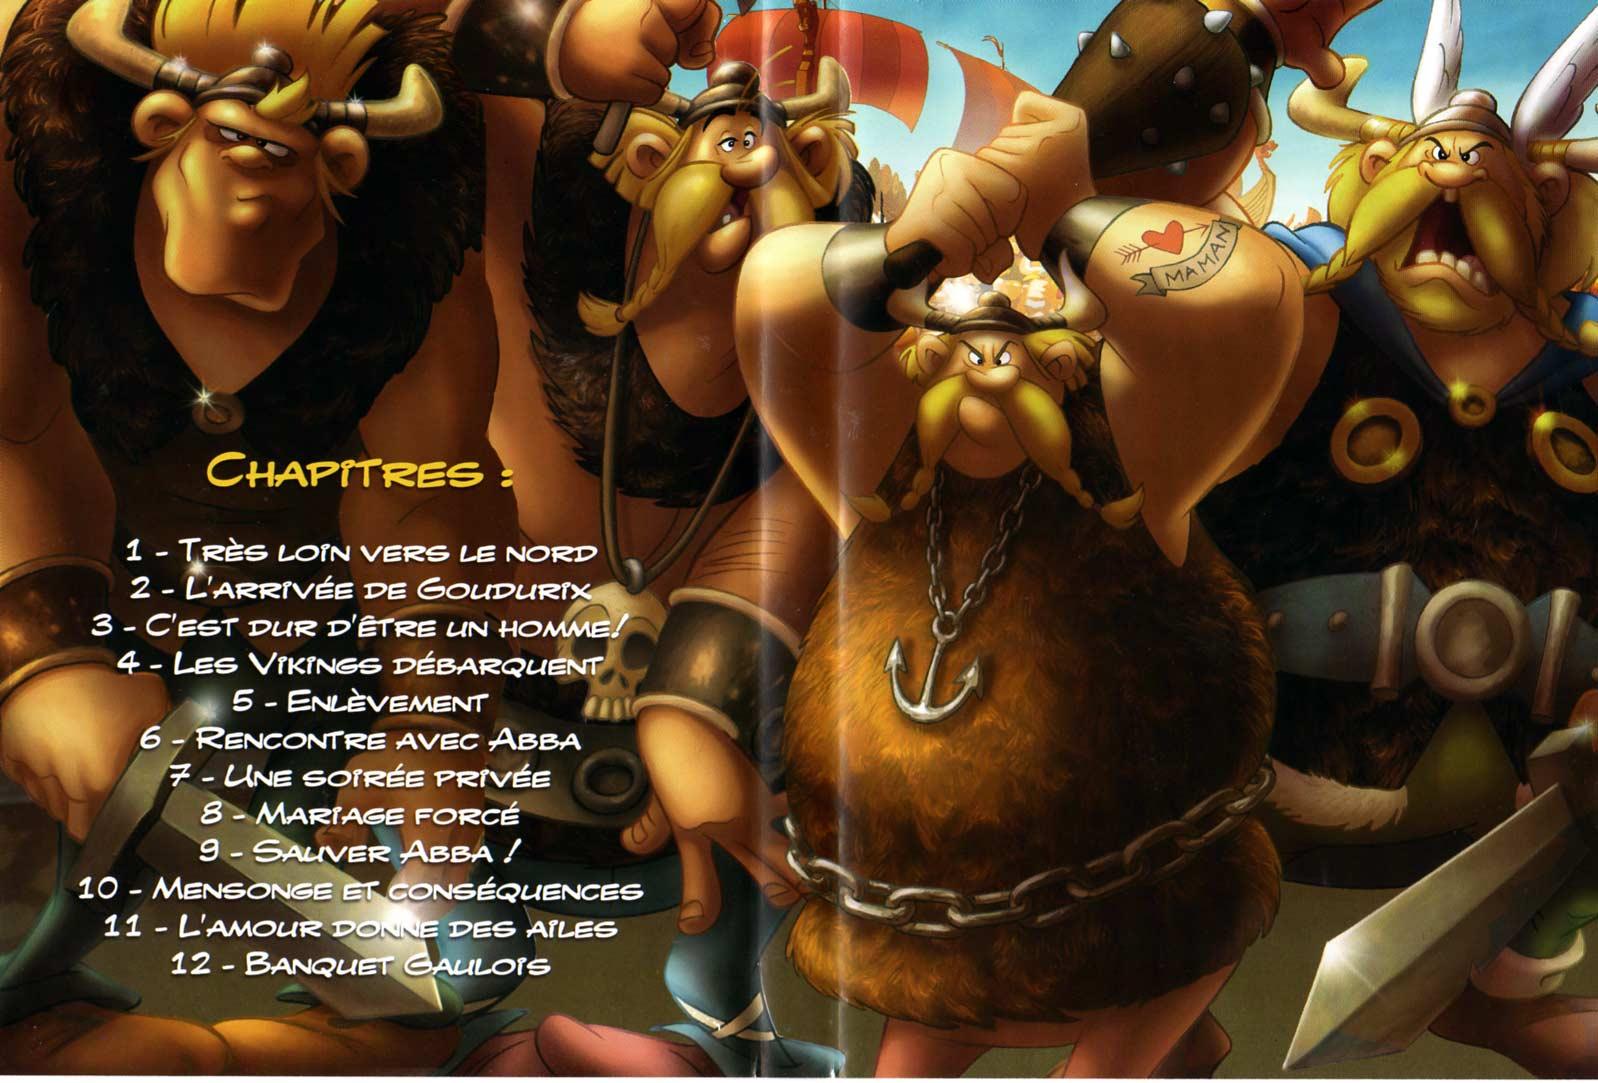 Astérix et les Vikings (2006) jacquette DVD intérieur